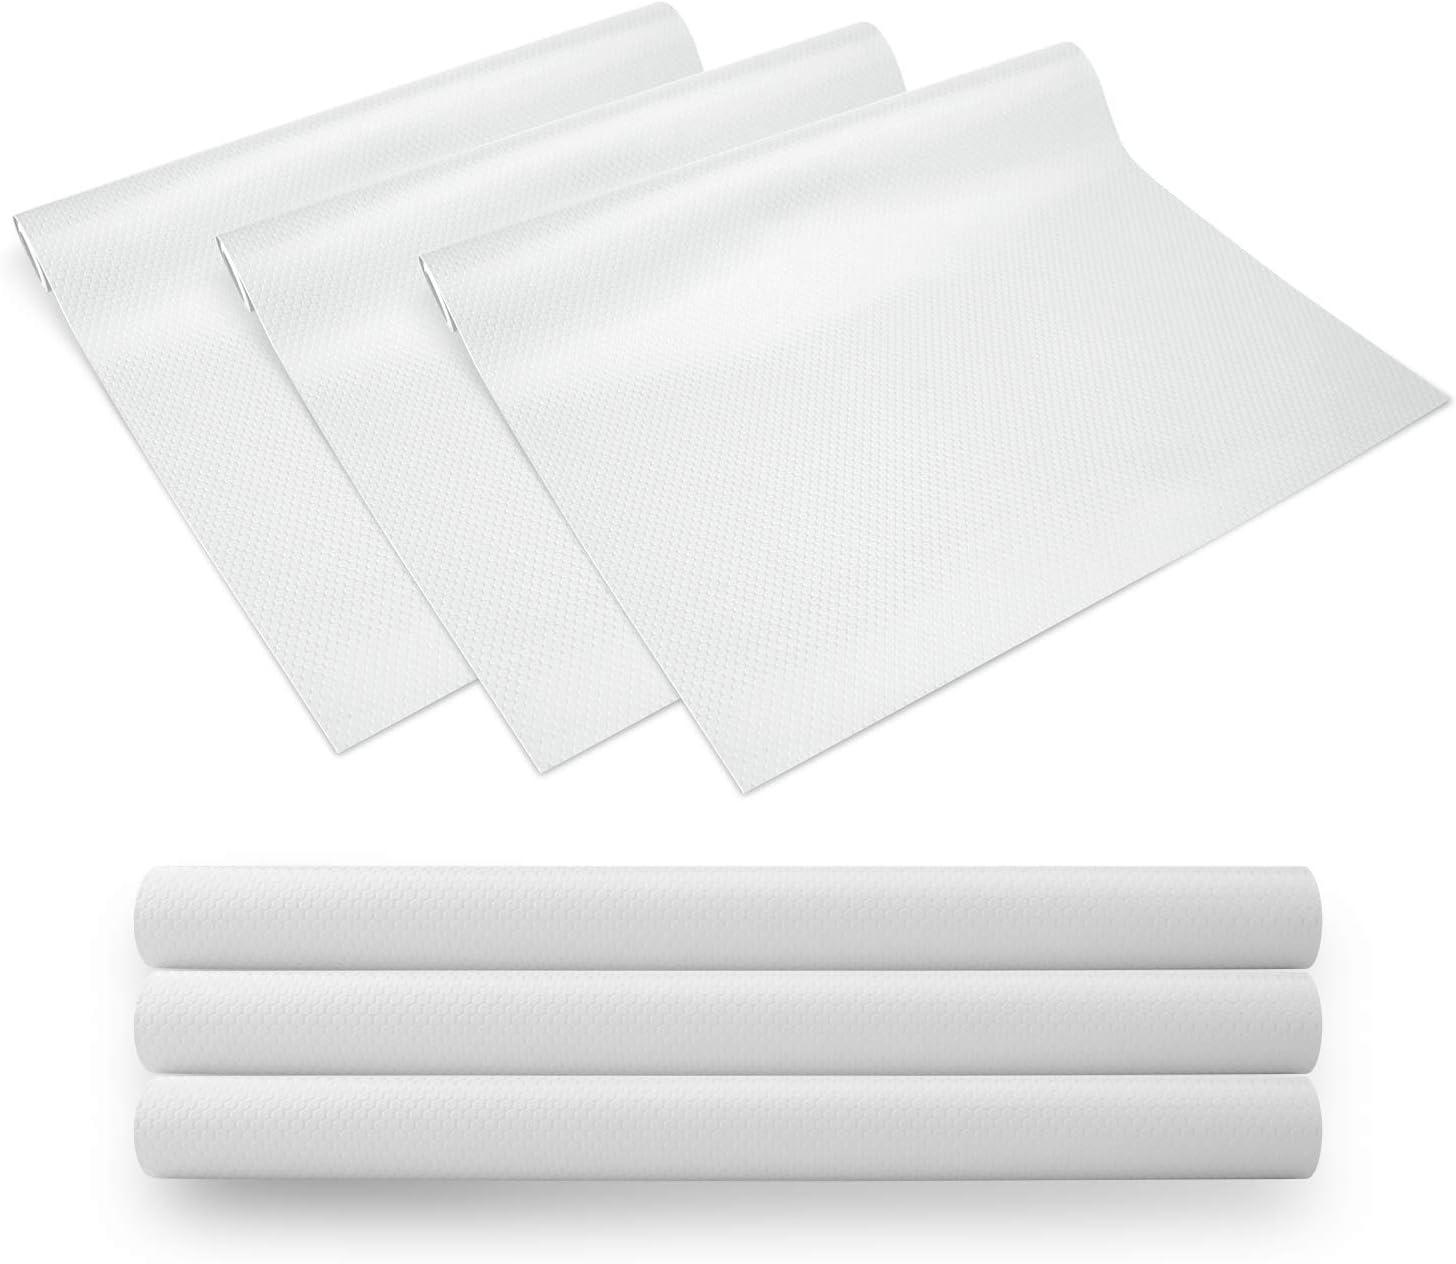 KONKY 3 Rollos EVA Protector Antideslizante Cocina, Estantes el gabinete Estera Cuttable, Impermeable Estera del refrigerador, Forro de cajón Reutilizable, 45 * 150cm, Blanco